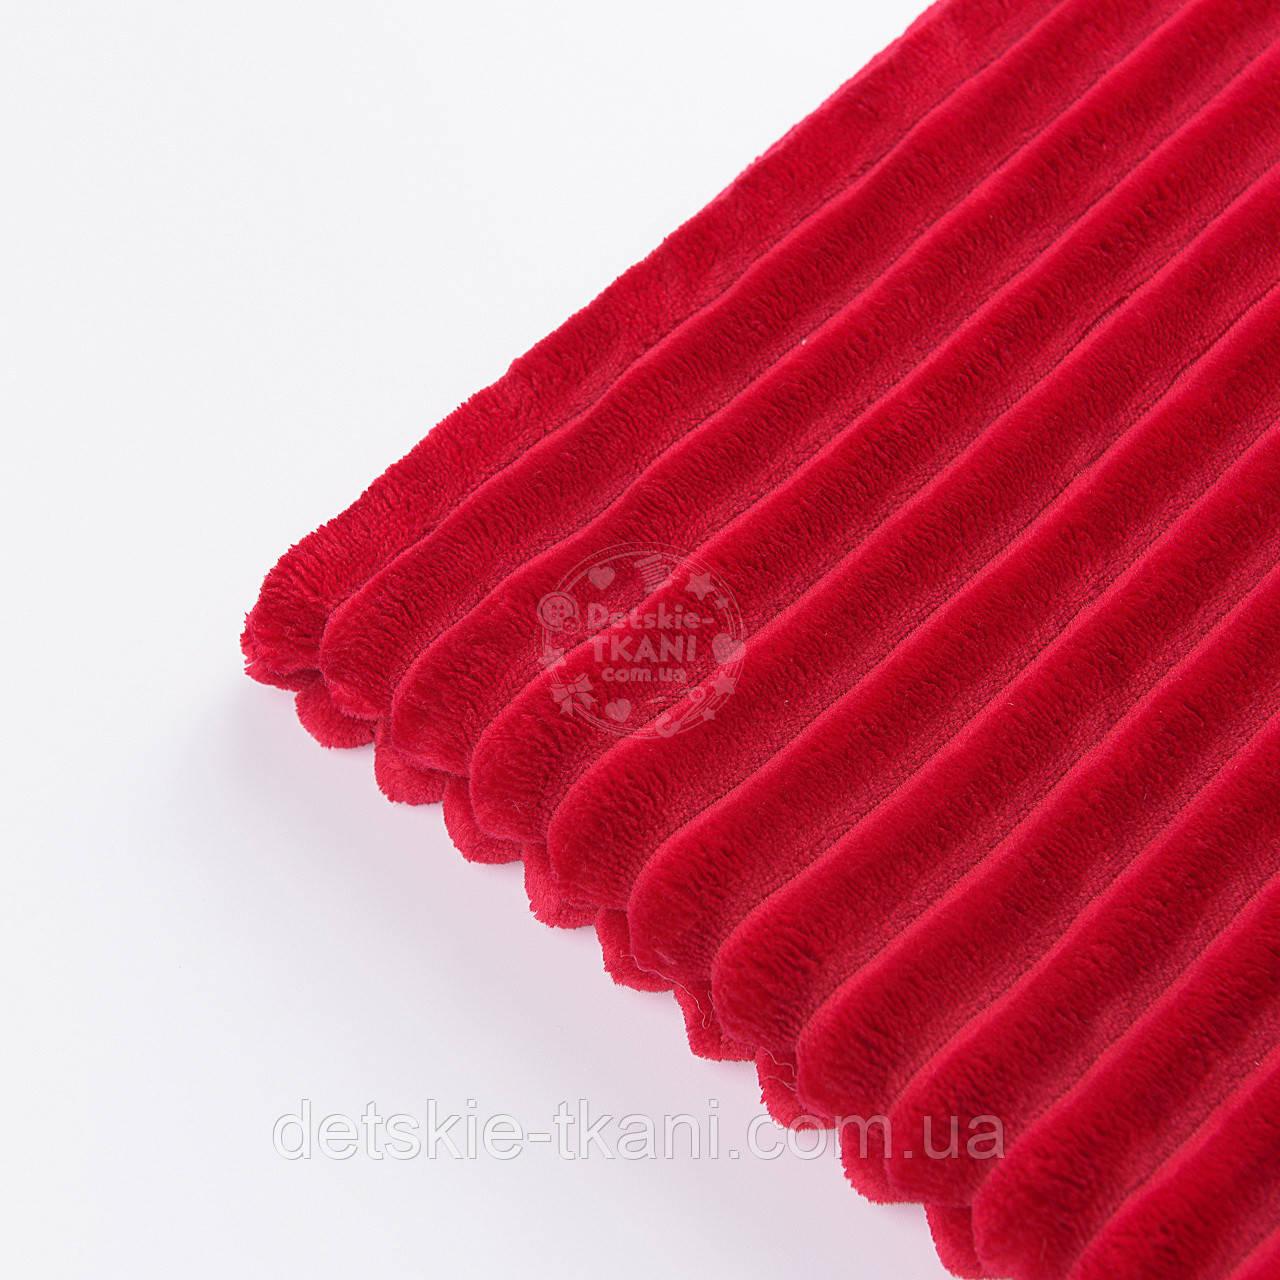 Лоскут плюш Stripes для пледа, цвет красный, размер 90*60 см